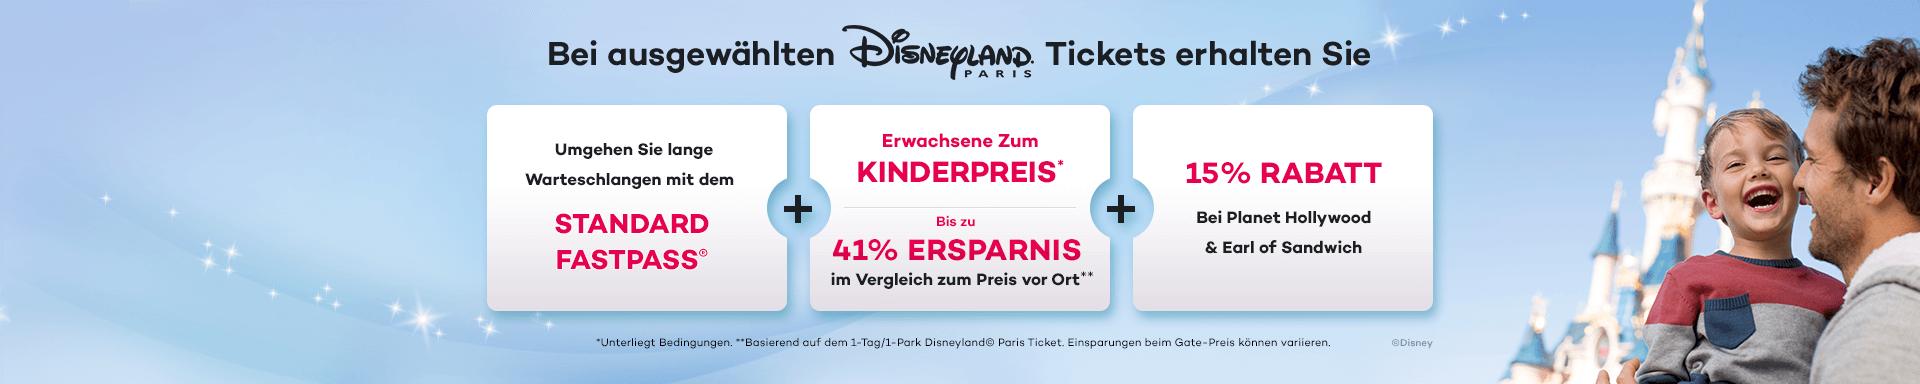 Sparen Sie bis zu 41% beim Kauf Ihres Disneyland Paris Tickets